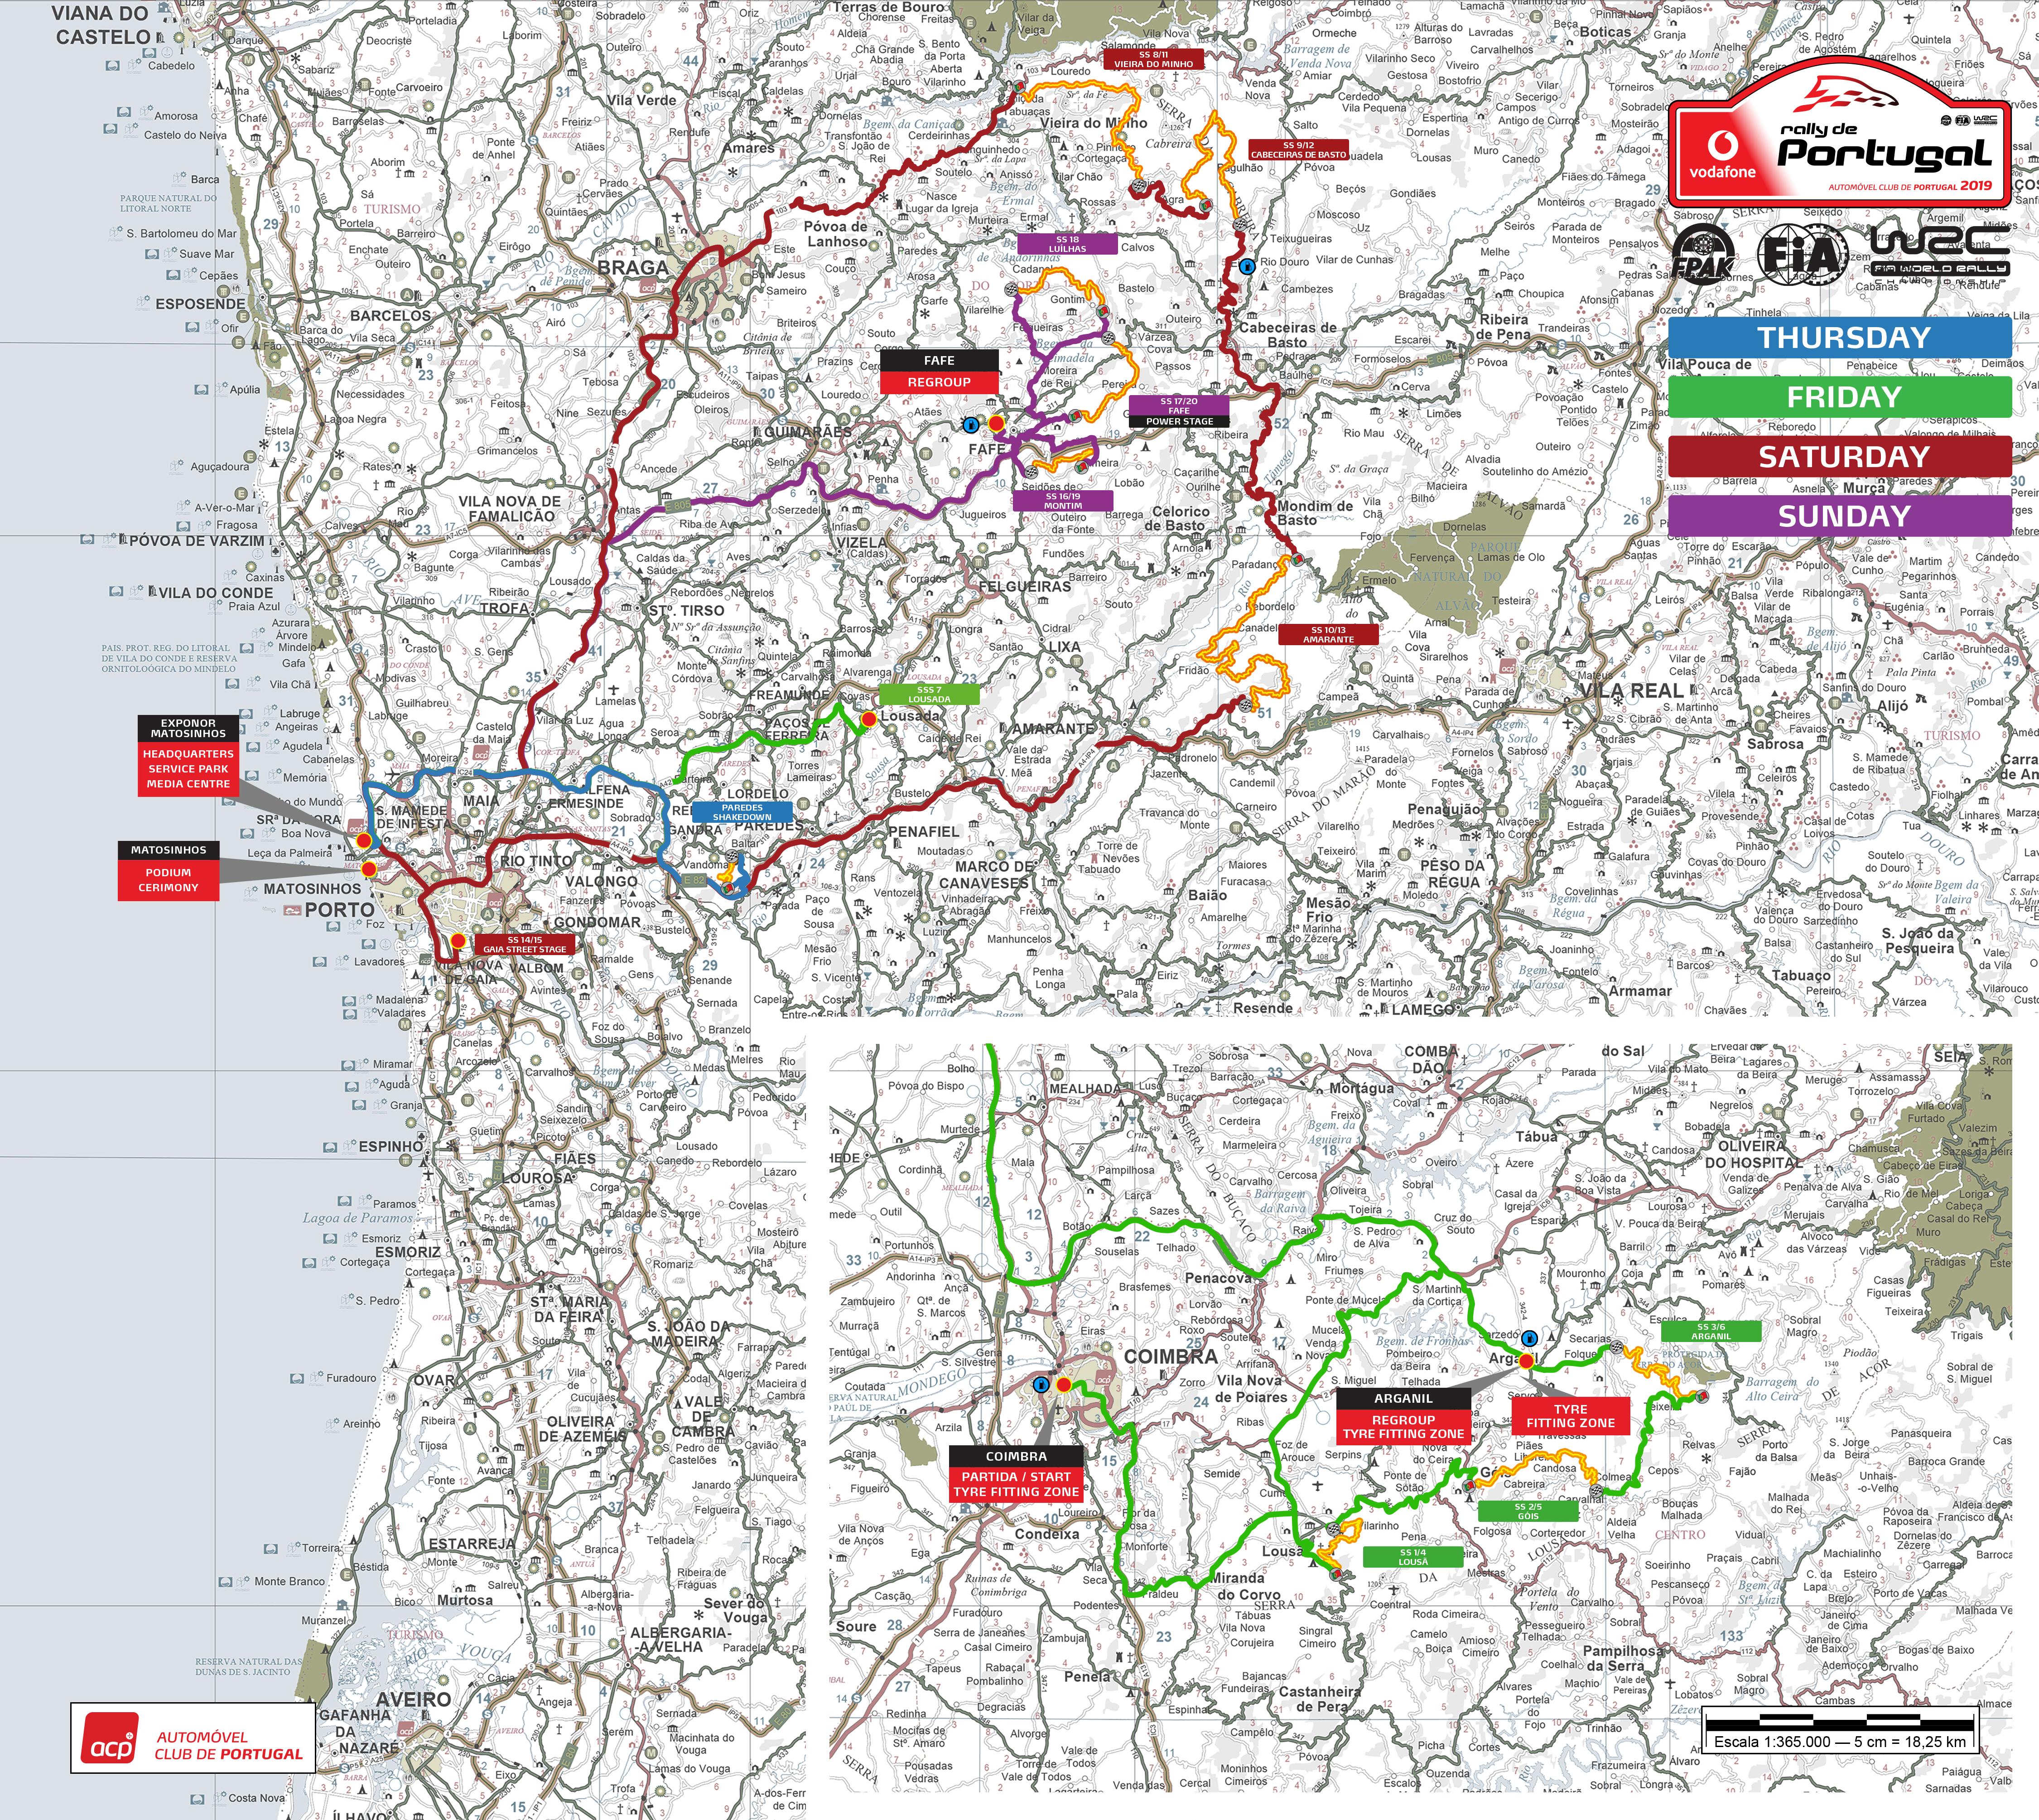 Rali De Portugal 2019 Os Mapas Das Especiais 0 Aos 100